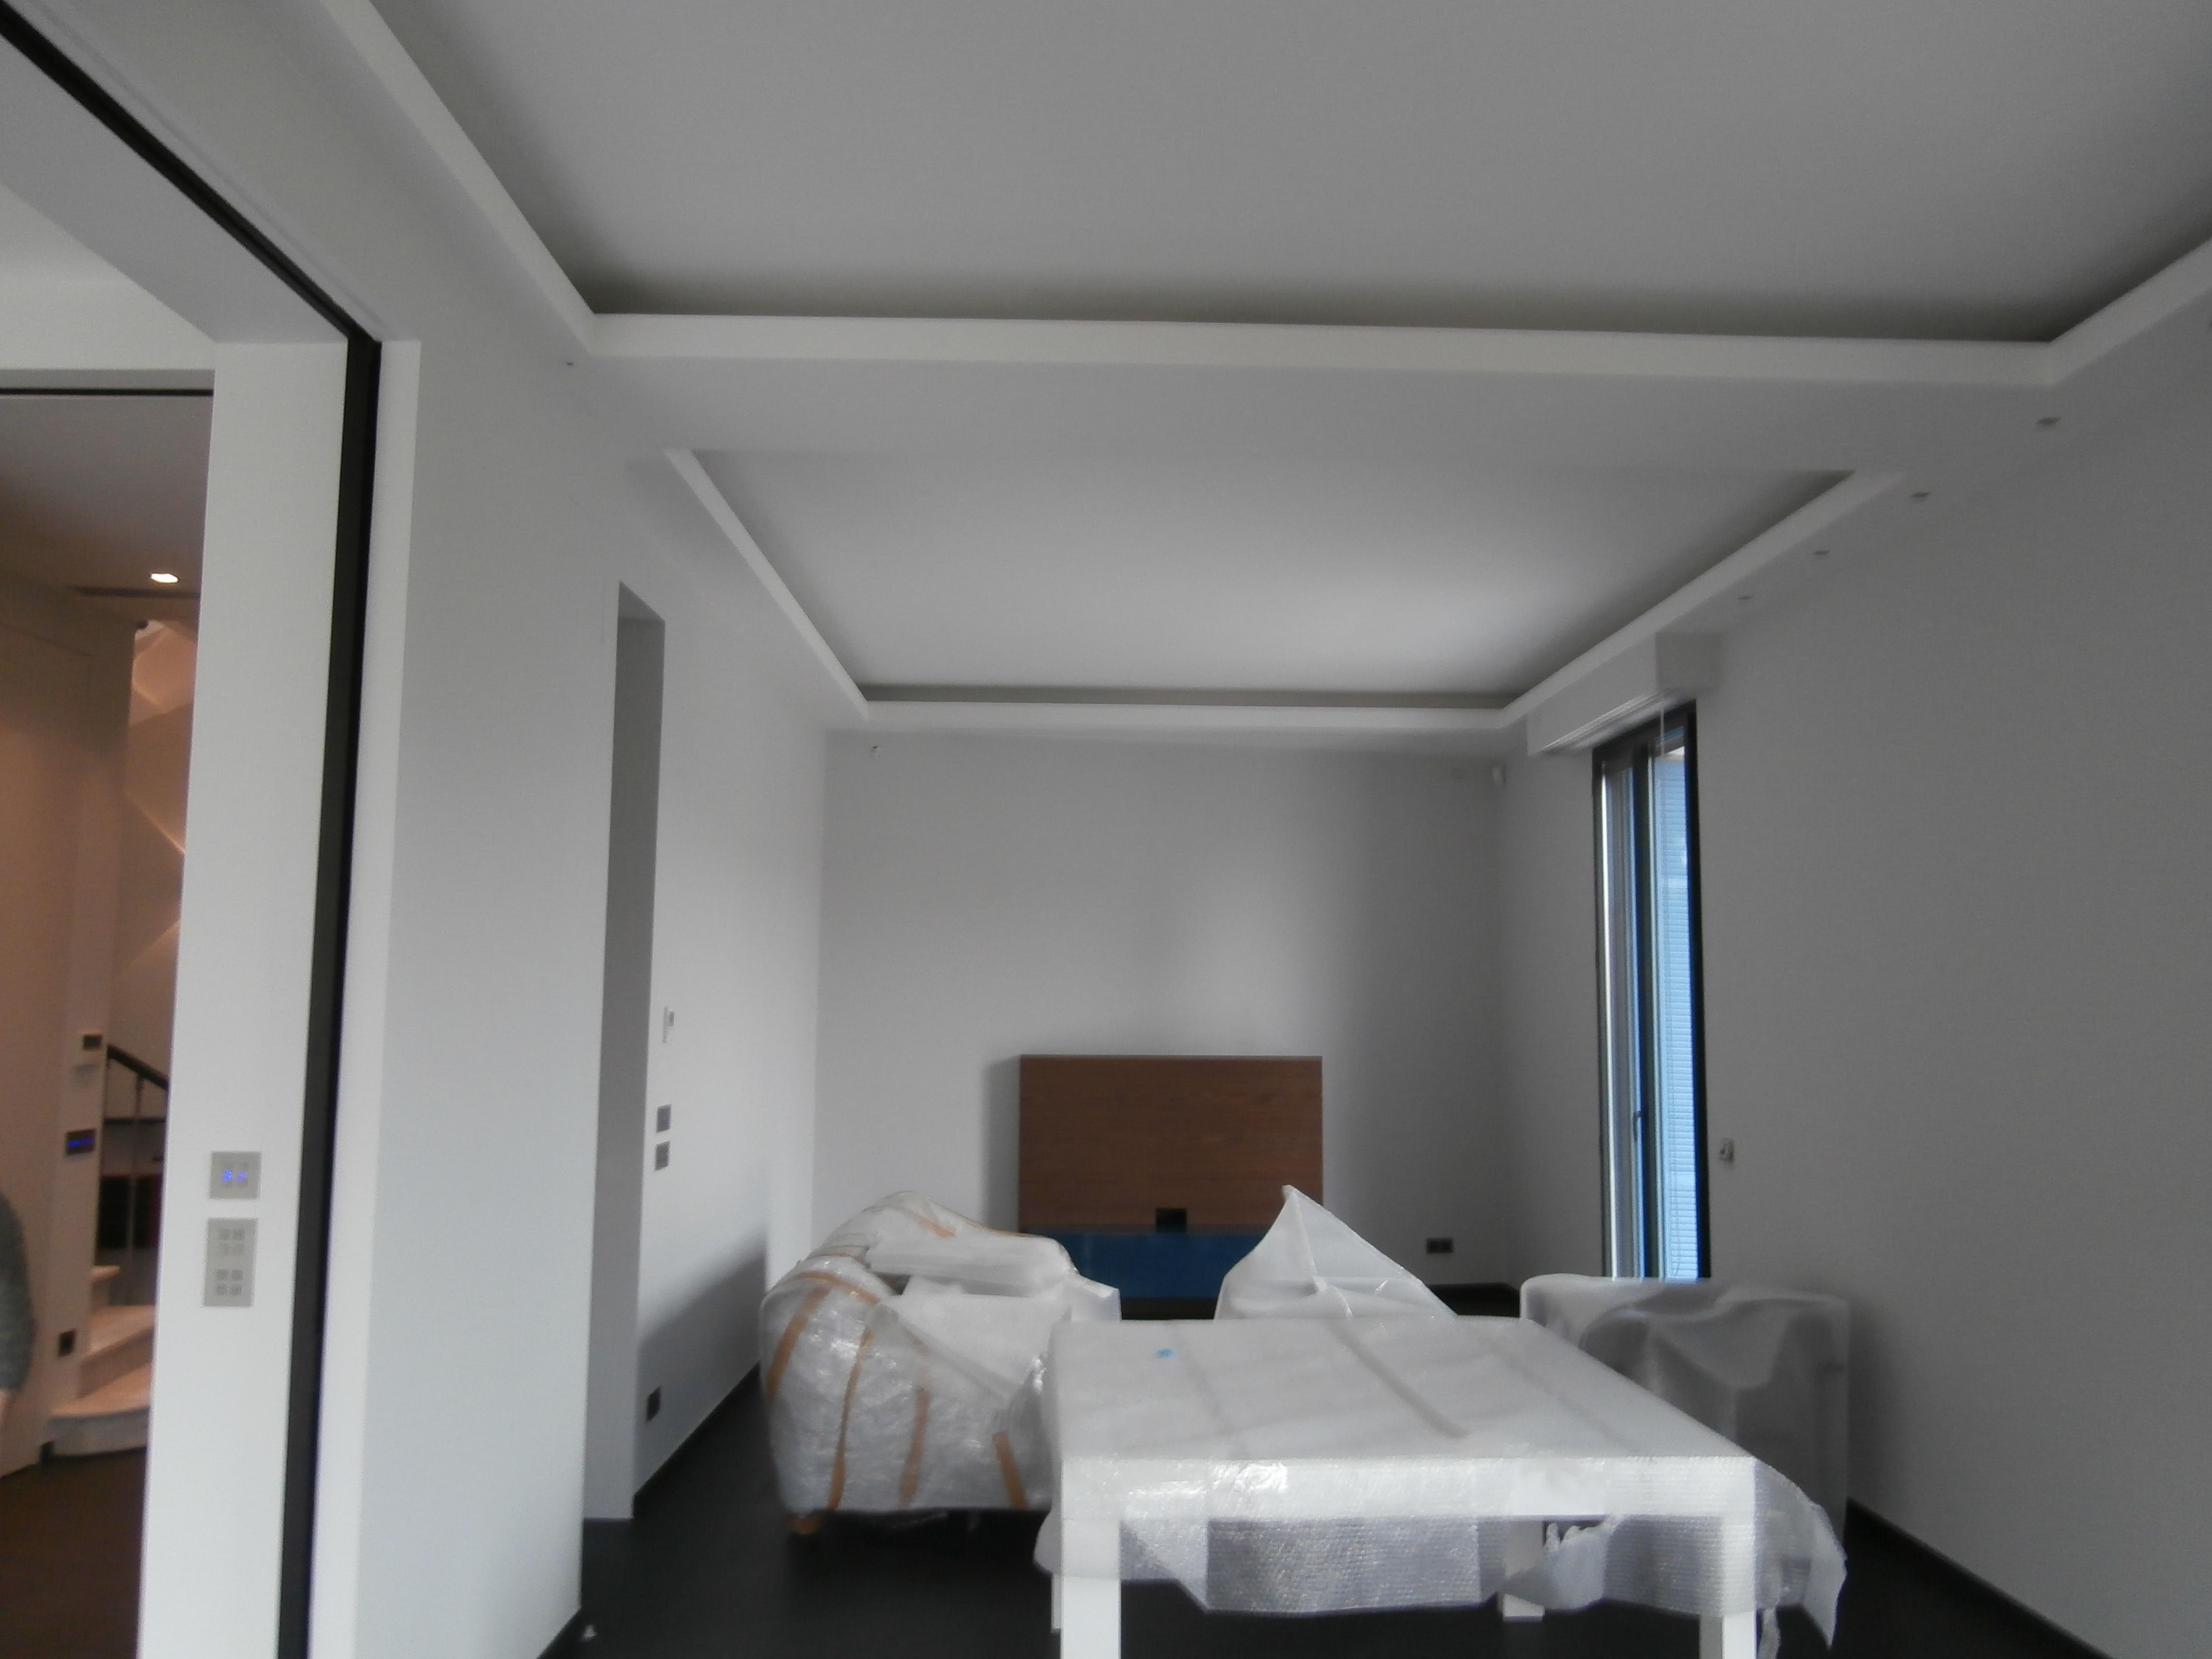 Cloisons faux plafond renovation interieur nice am monaco for Faux plafond magasin